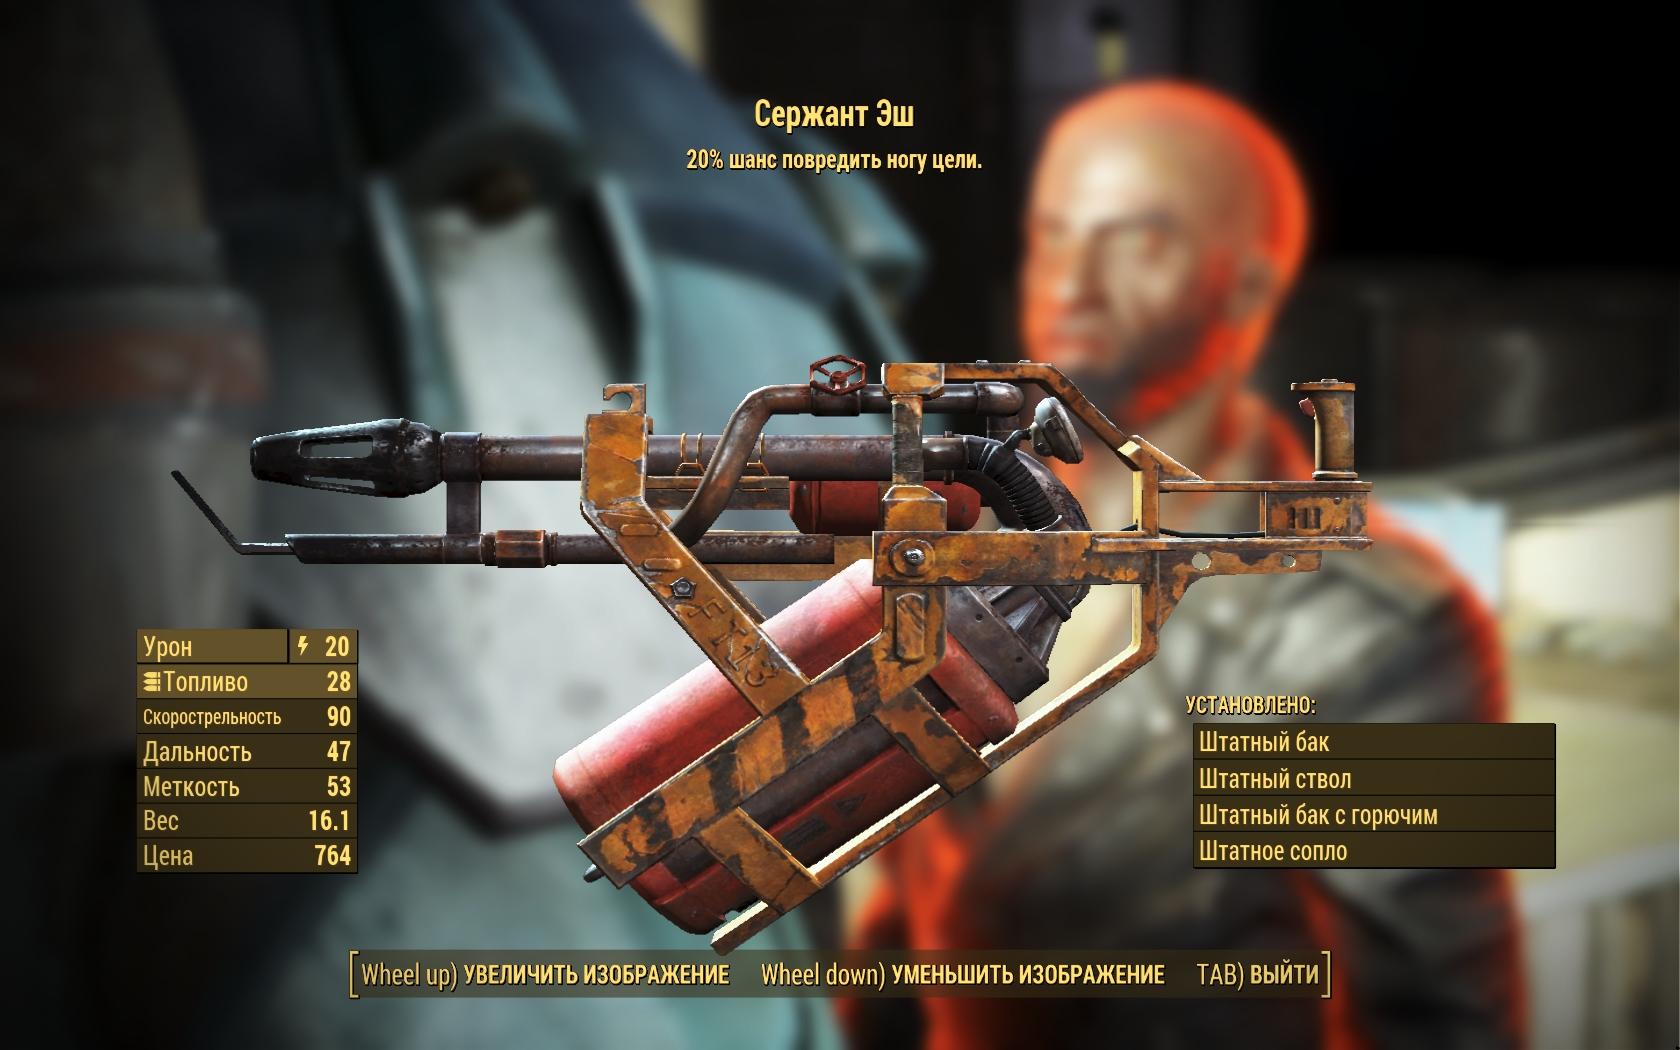 Сержант Эш - Fallout 4 Оружие, Сержант, Сержант Эш, Эш